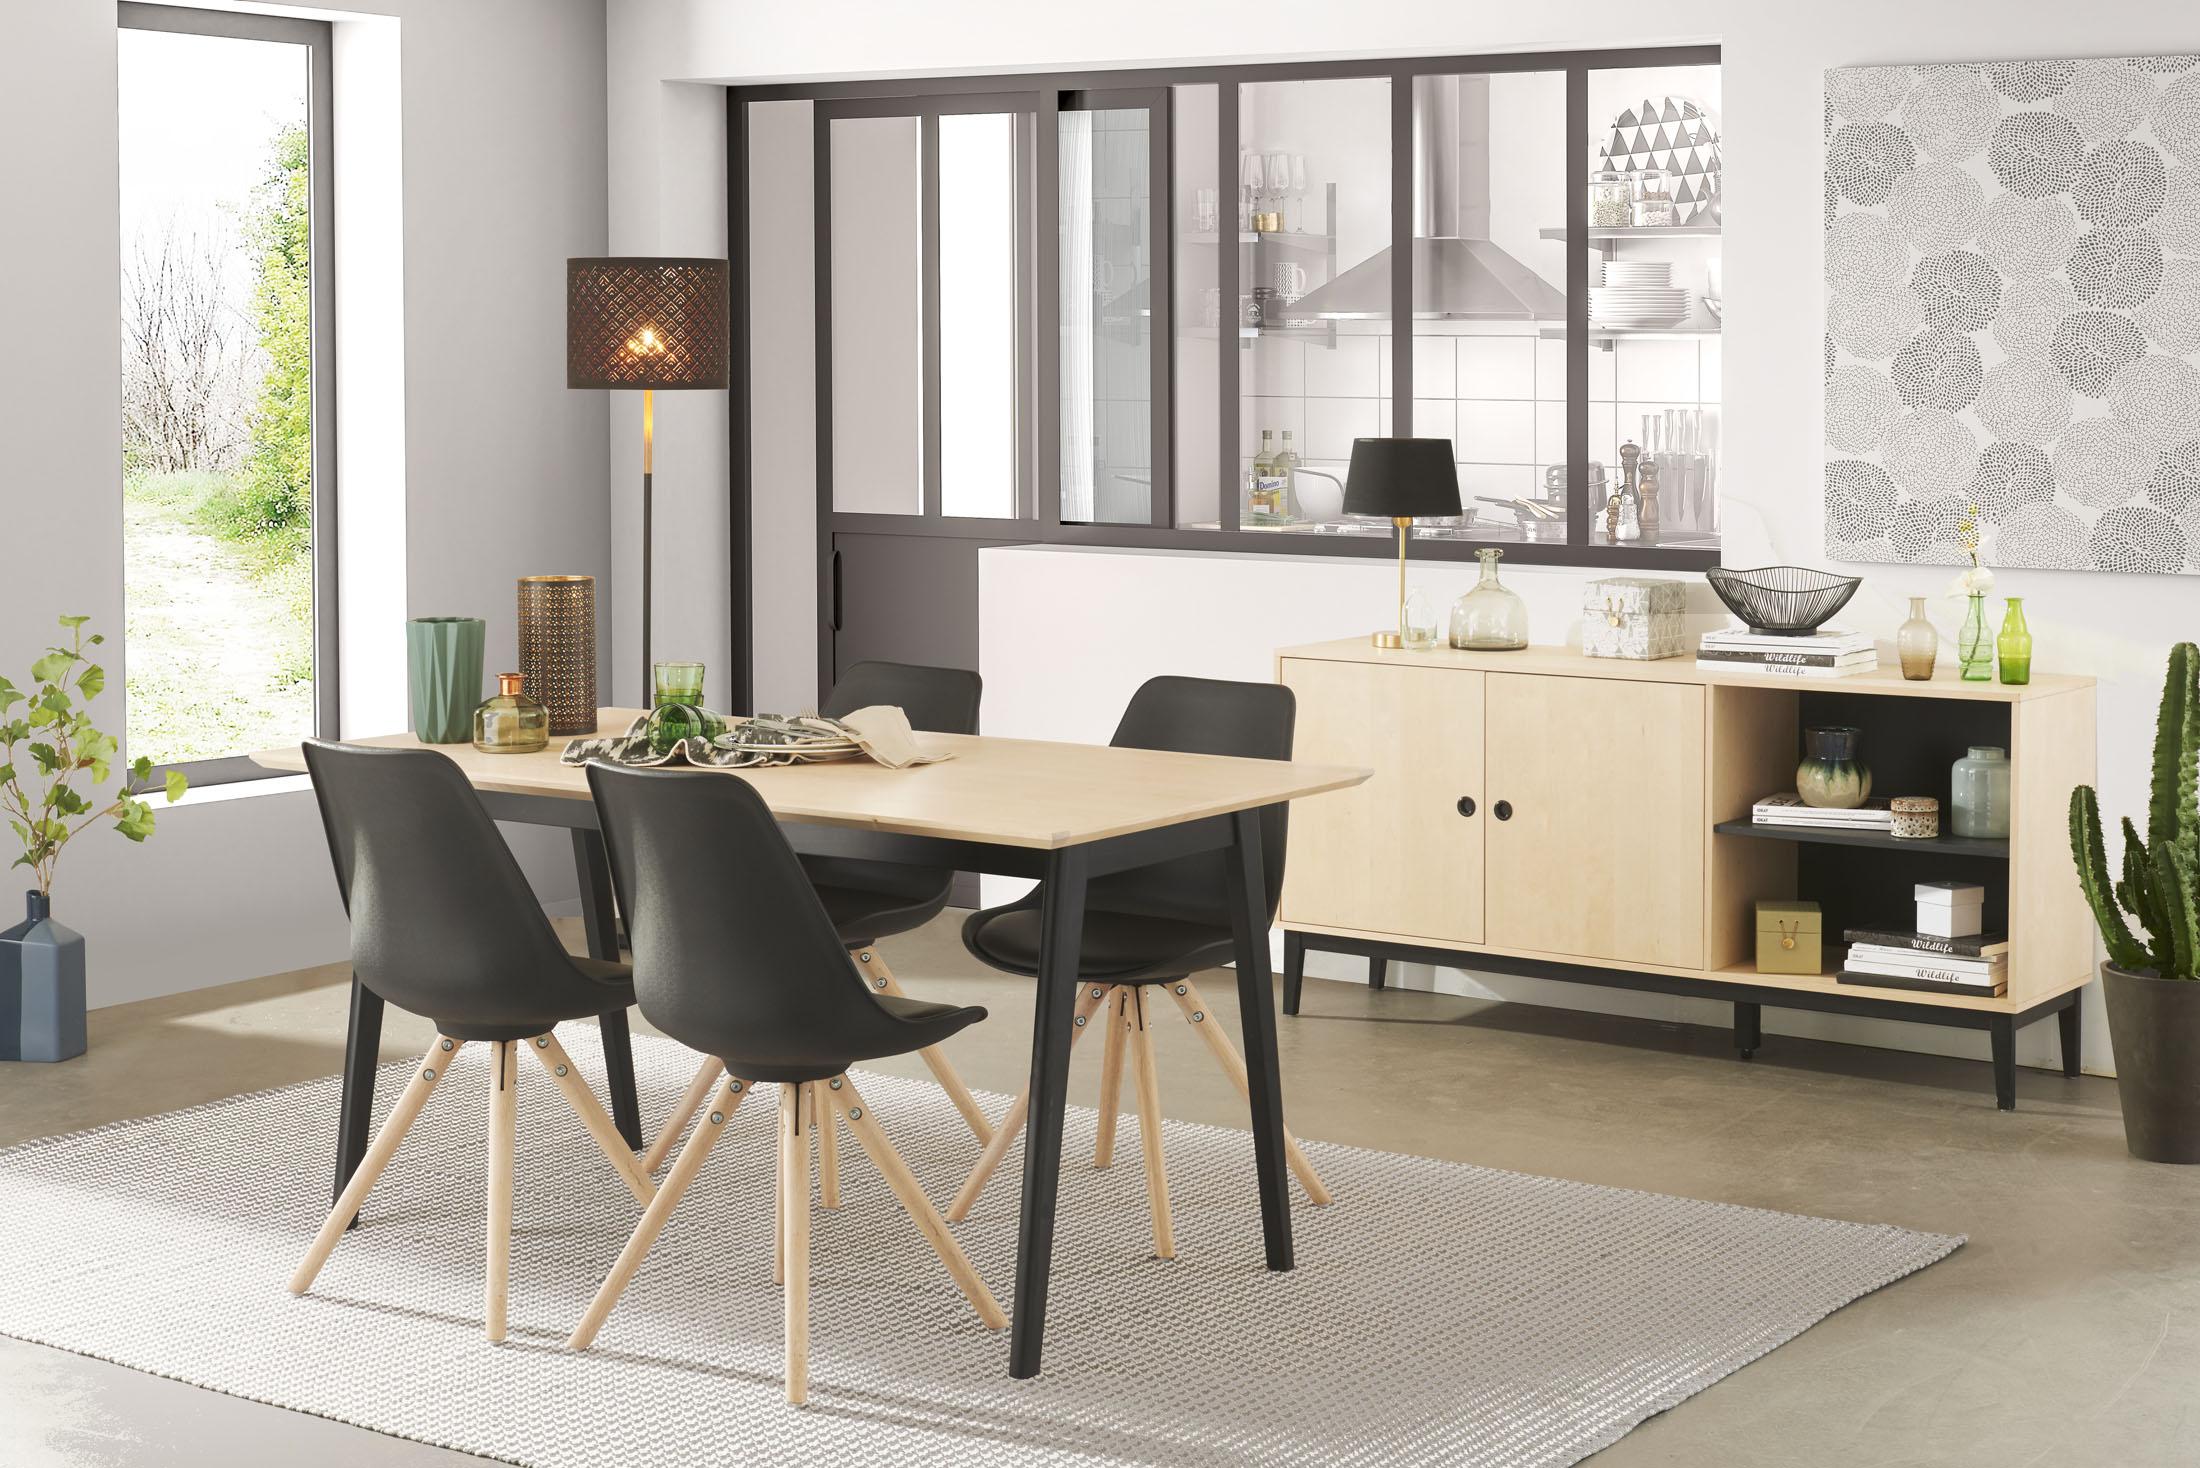 Ambiance réalisée en studio d'une salle à manger avec table chaises et bahut.